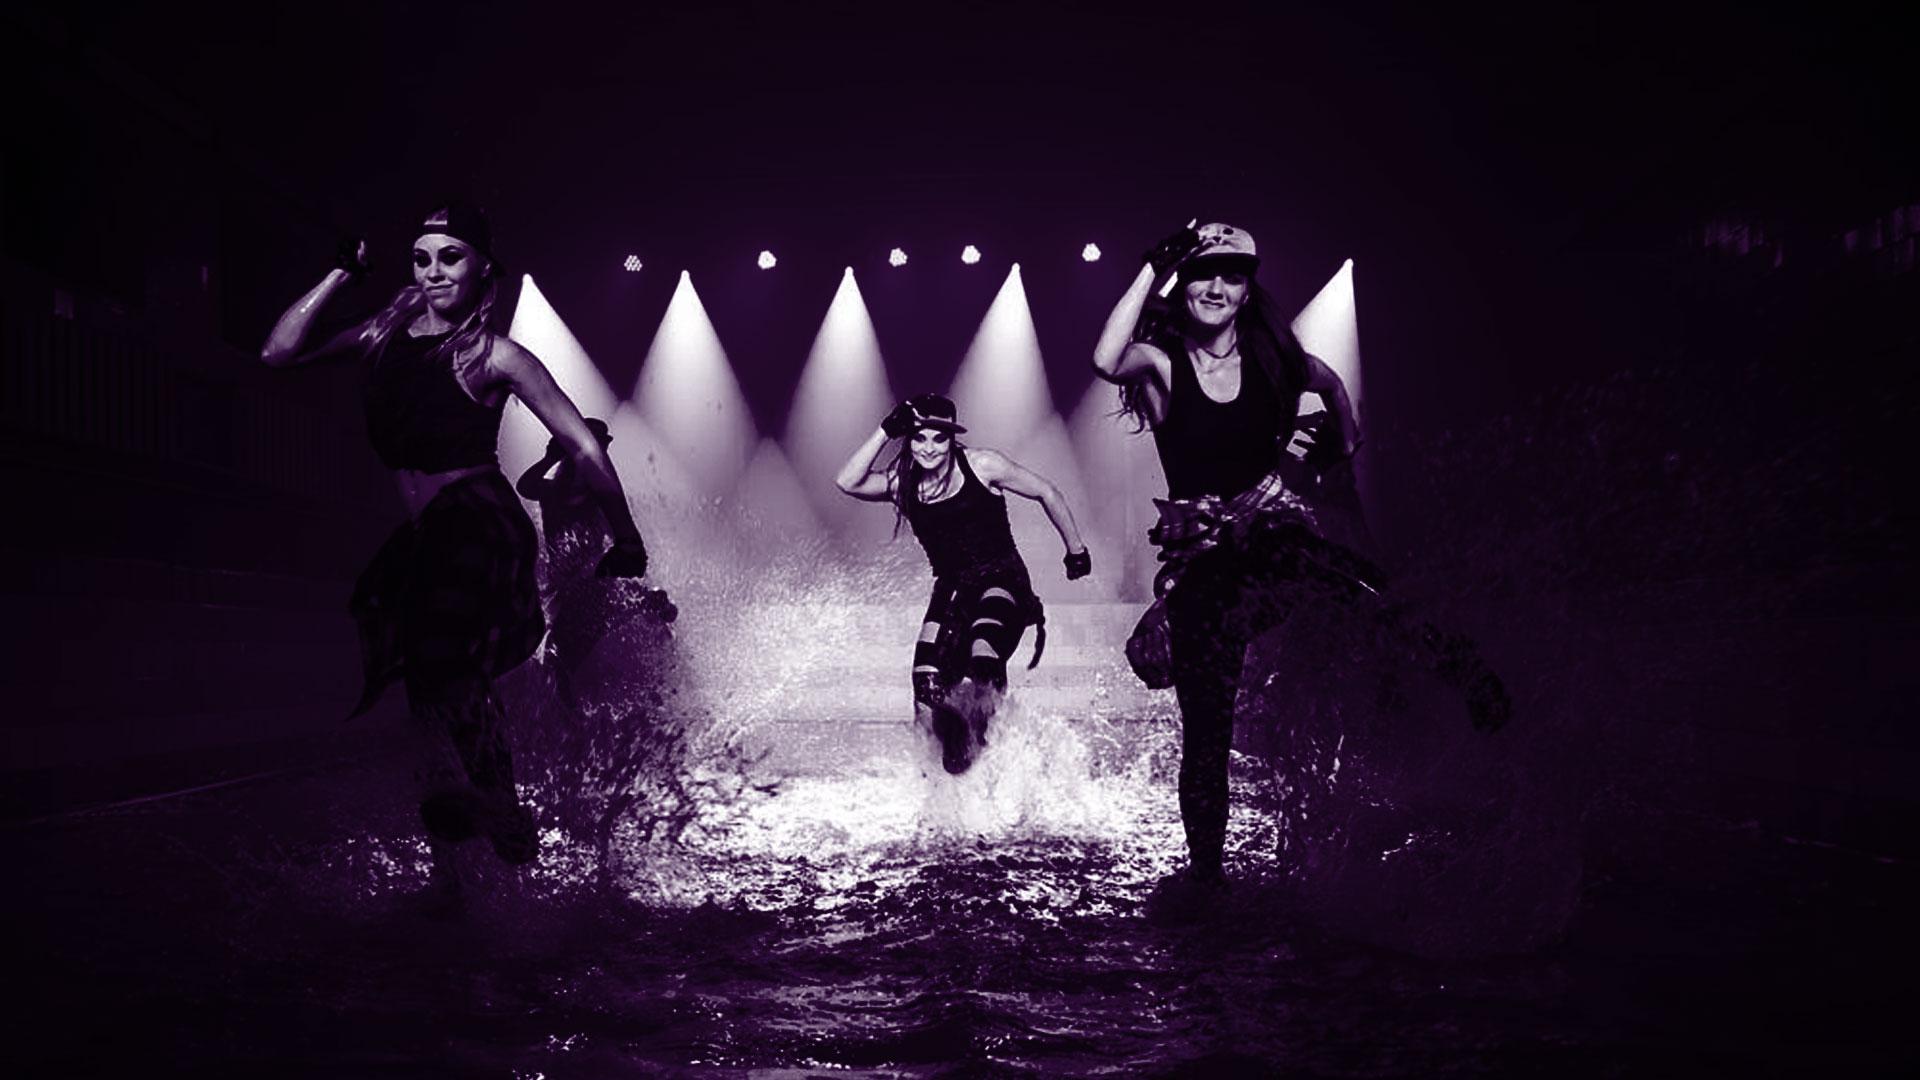 pink-dancers-images-website-1920x1080